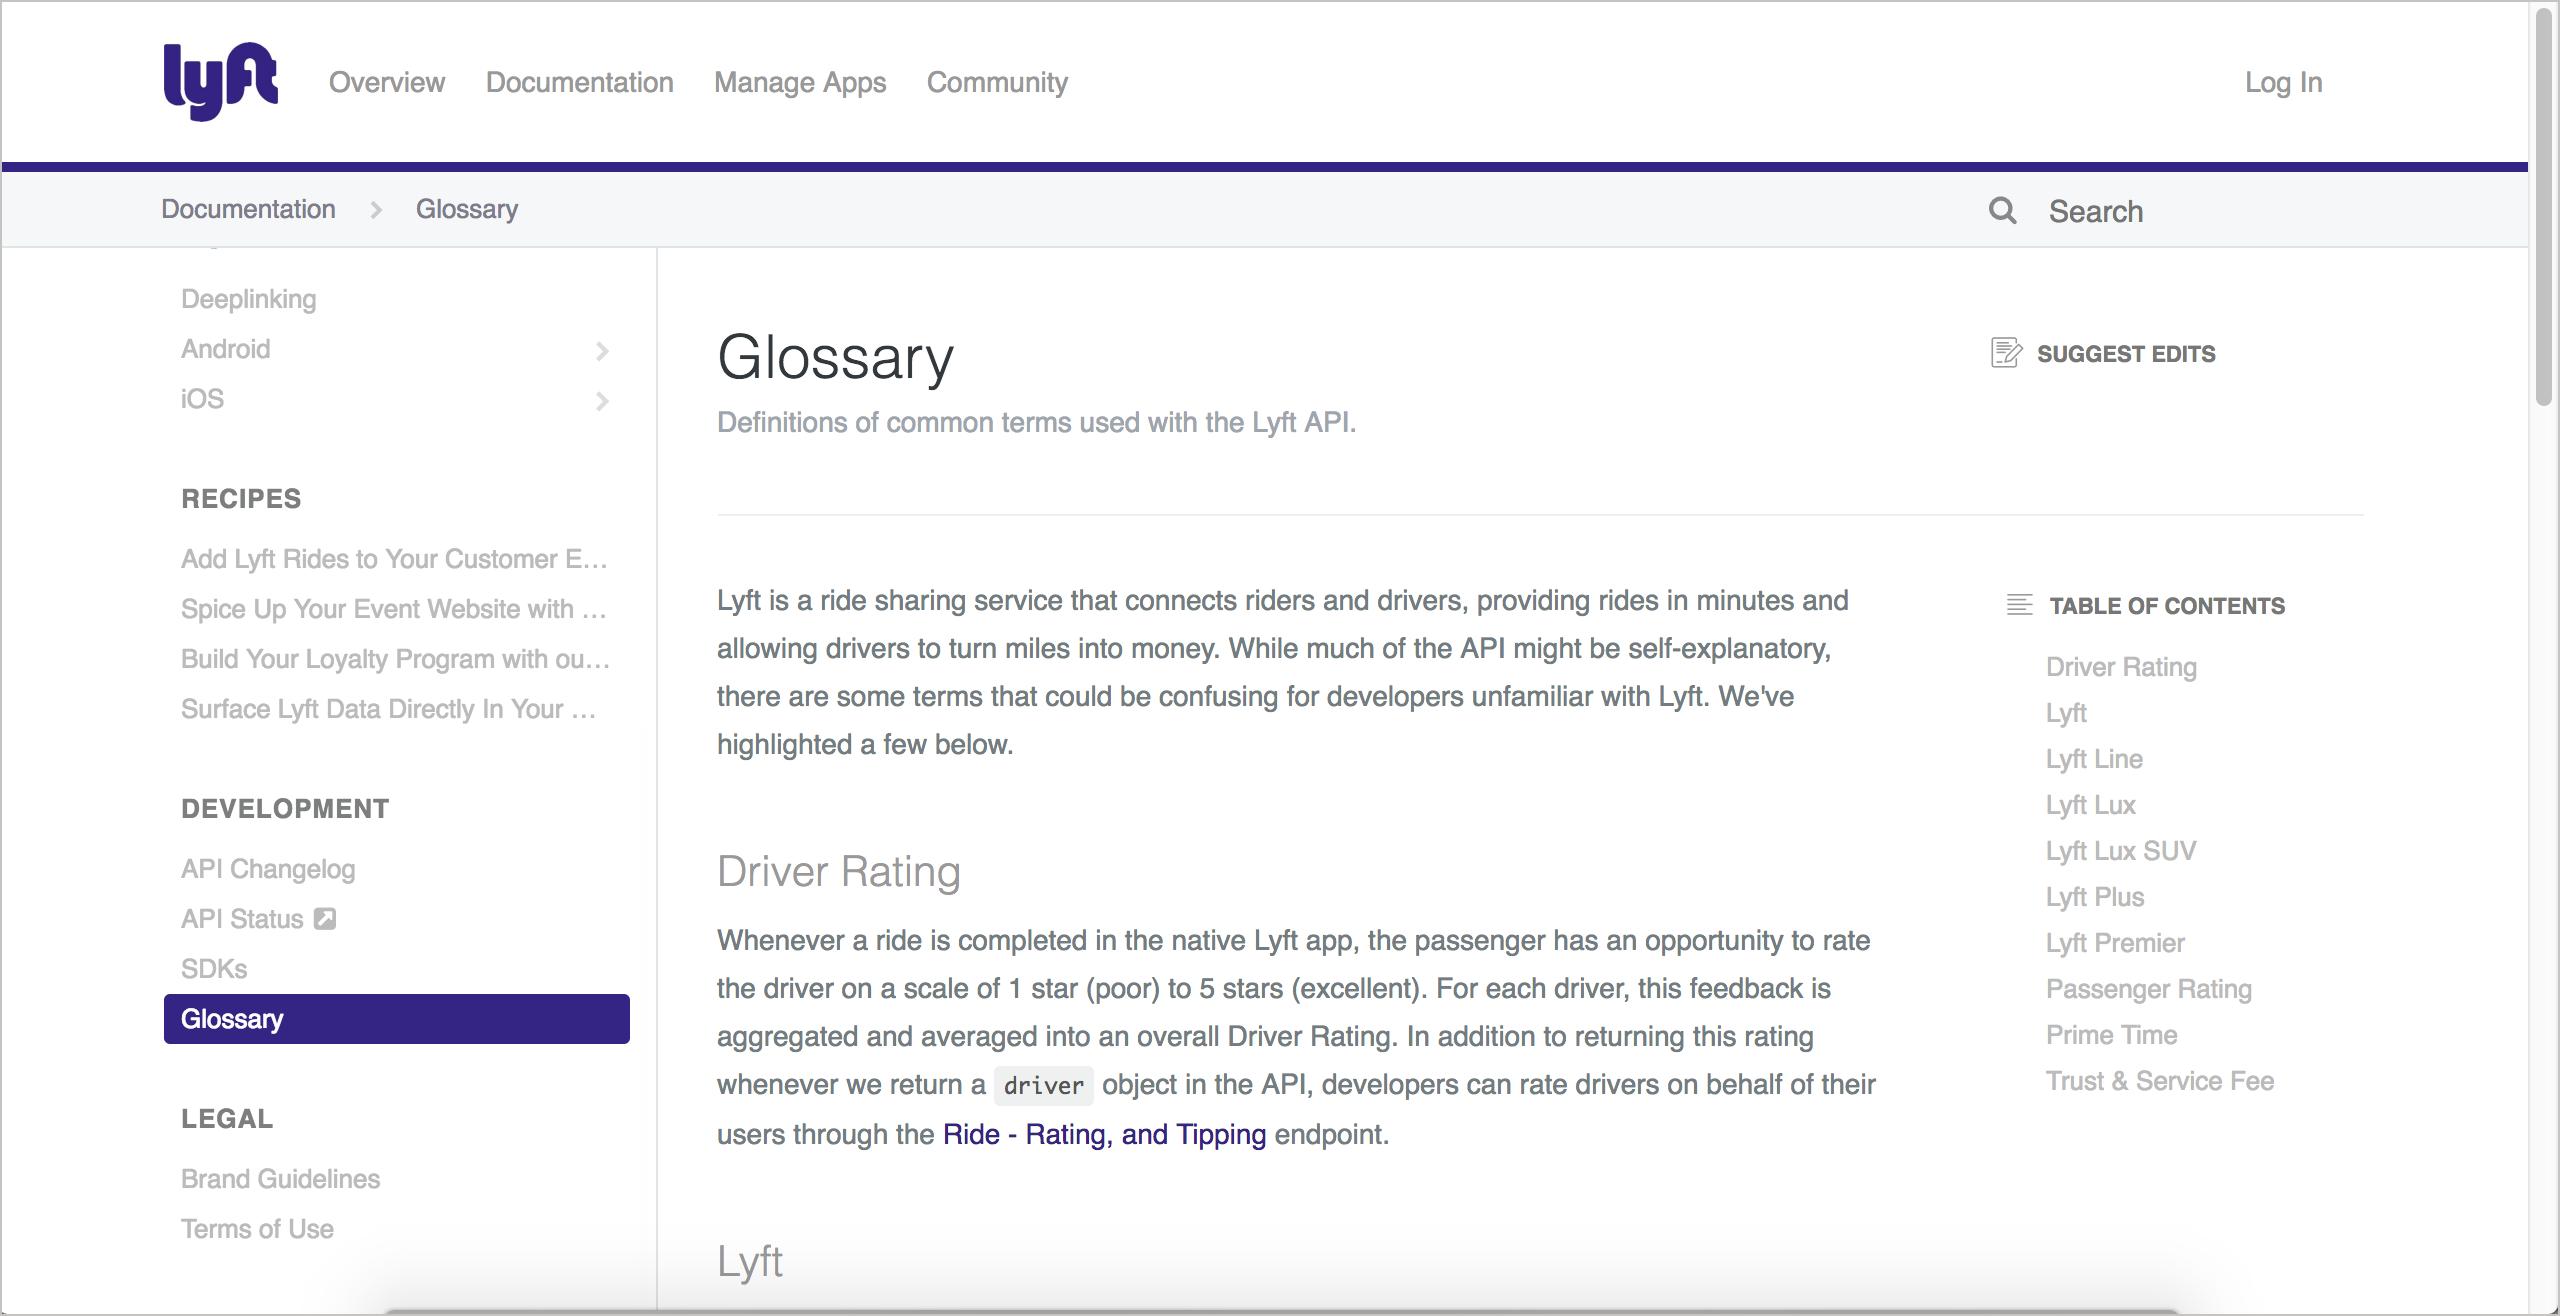 Lyft glossary